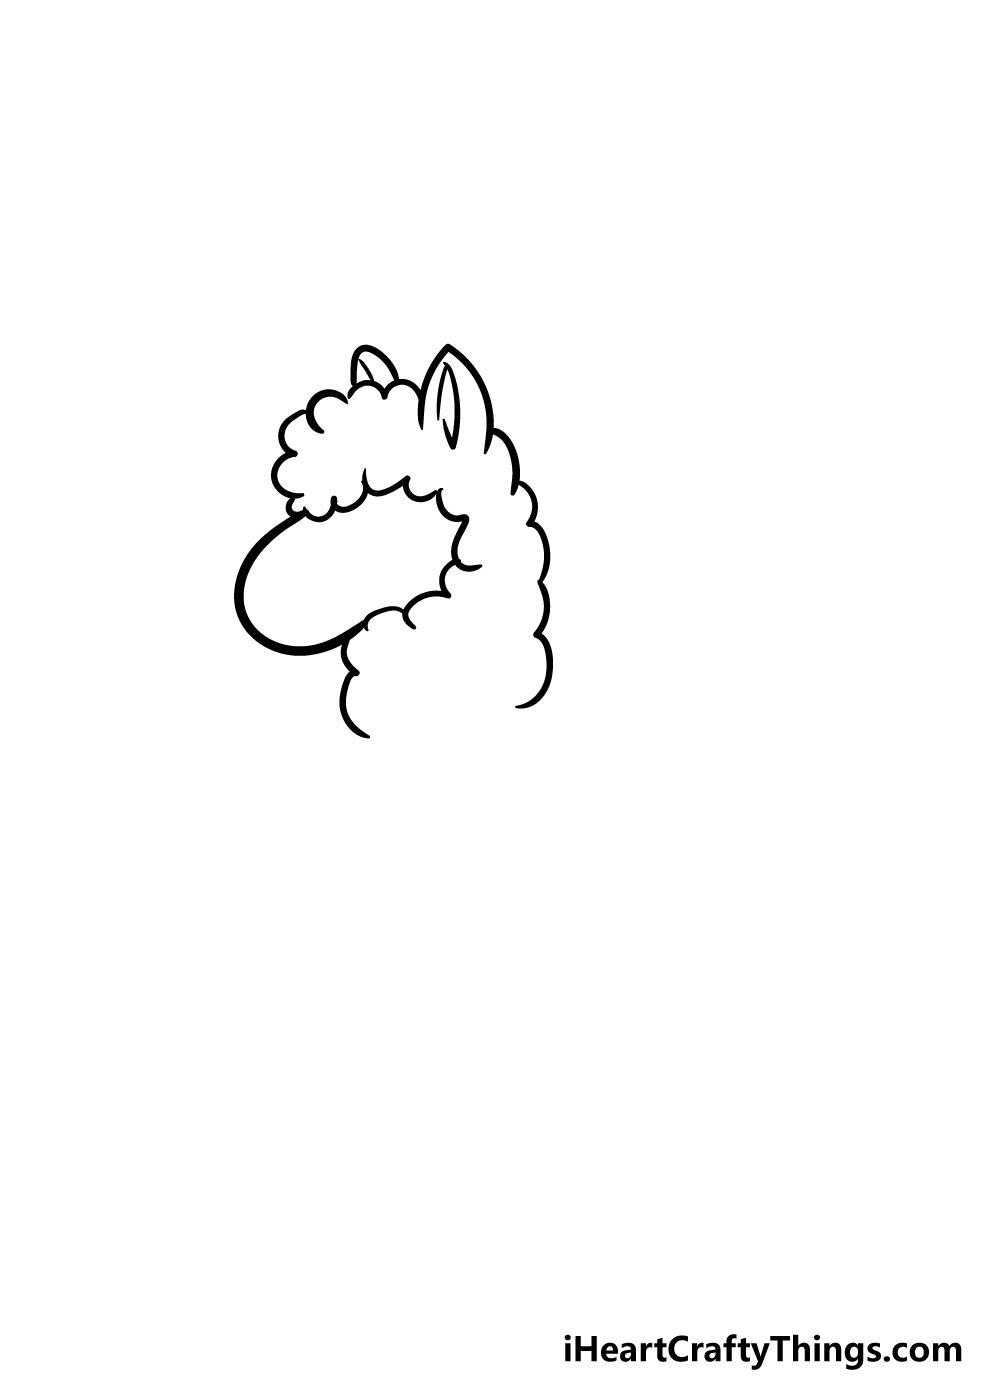 llama drawing step 2